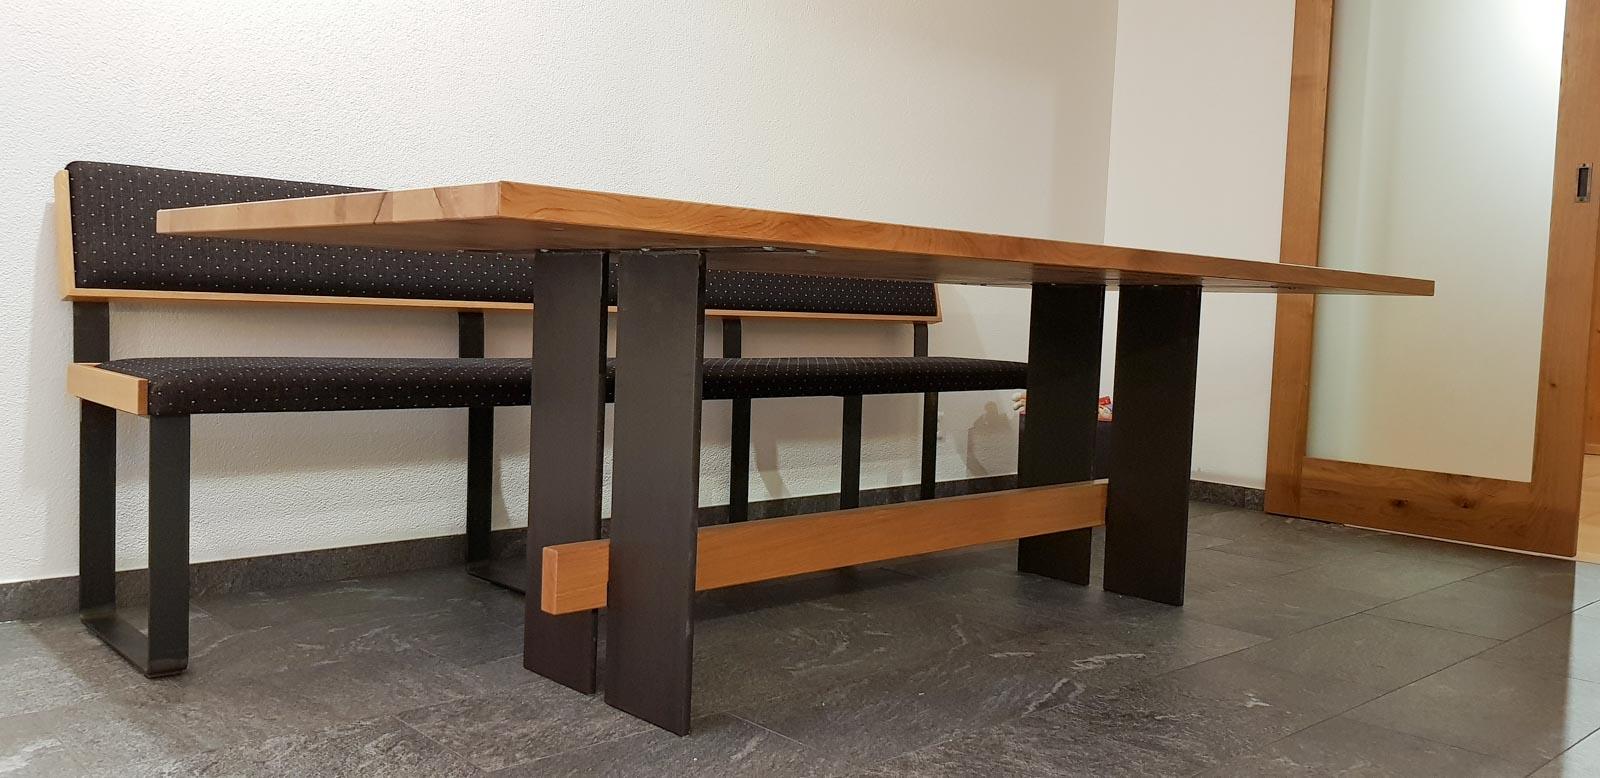 Wooddesign_Tisch_Sitsbank mit Polster_Eische massiv_Beine innen_Schwarzstahl (12)